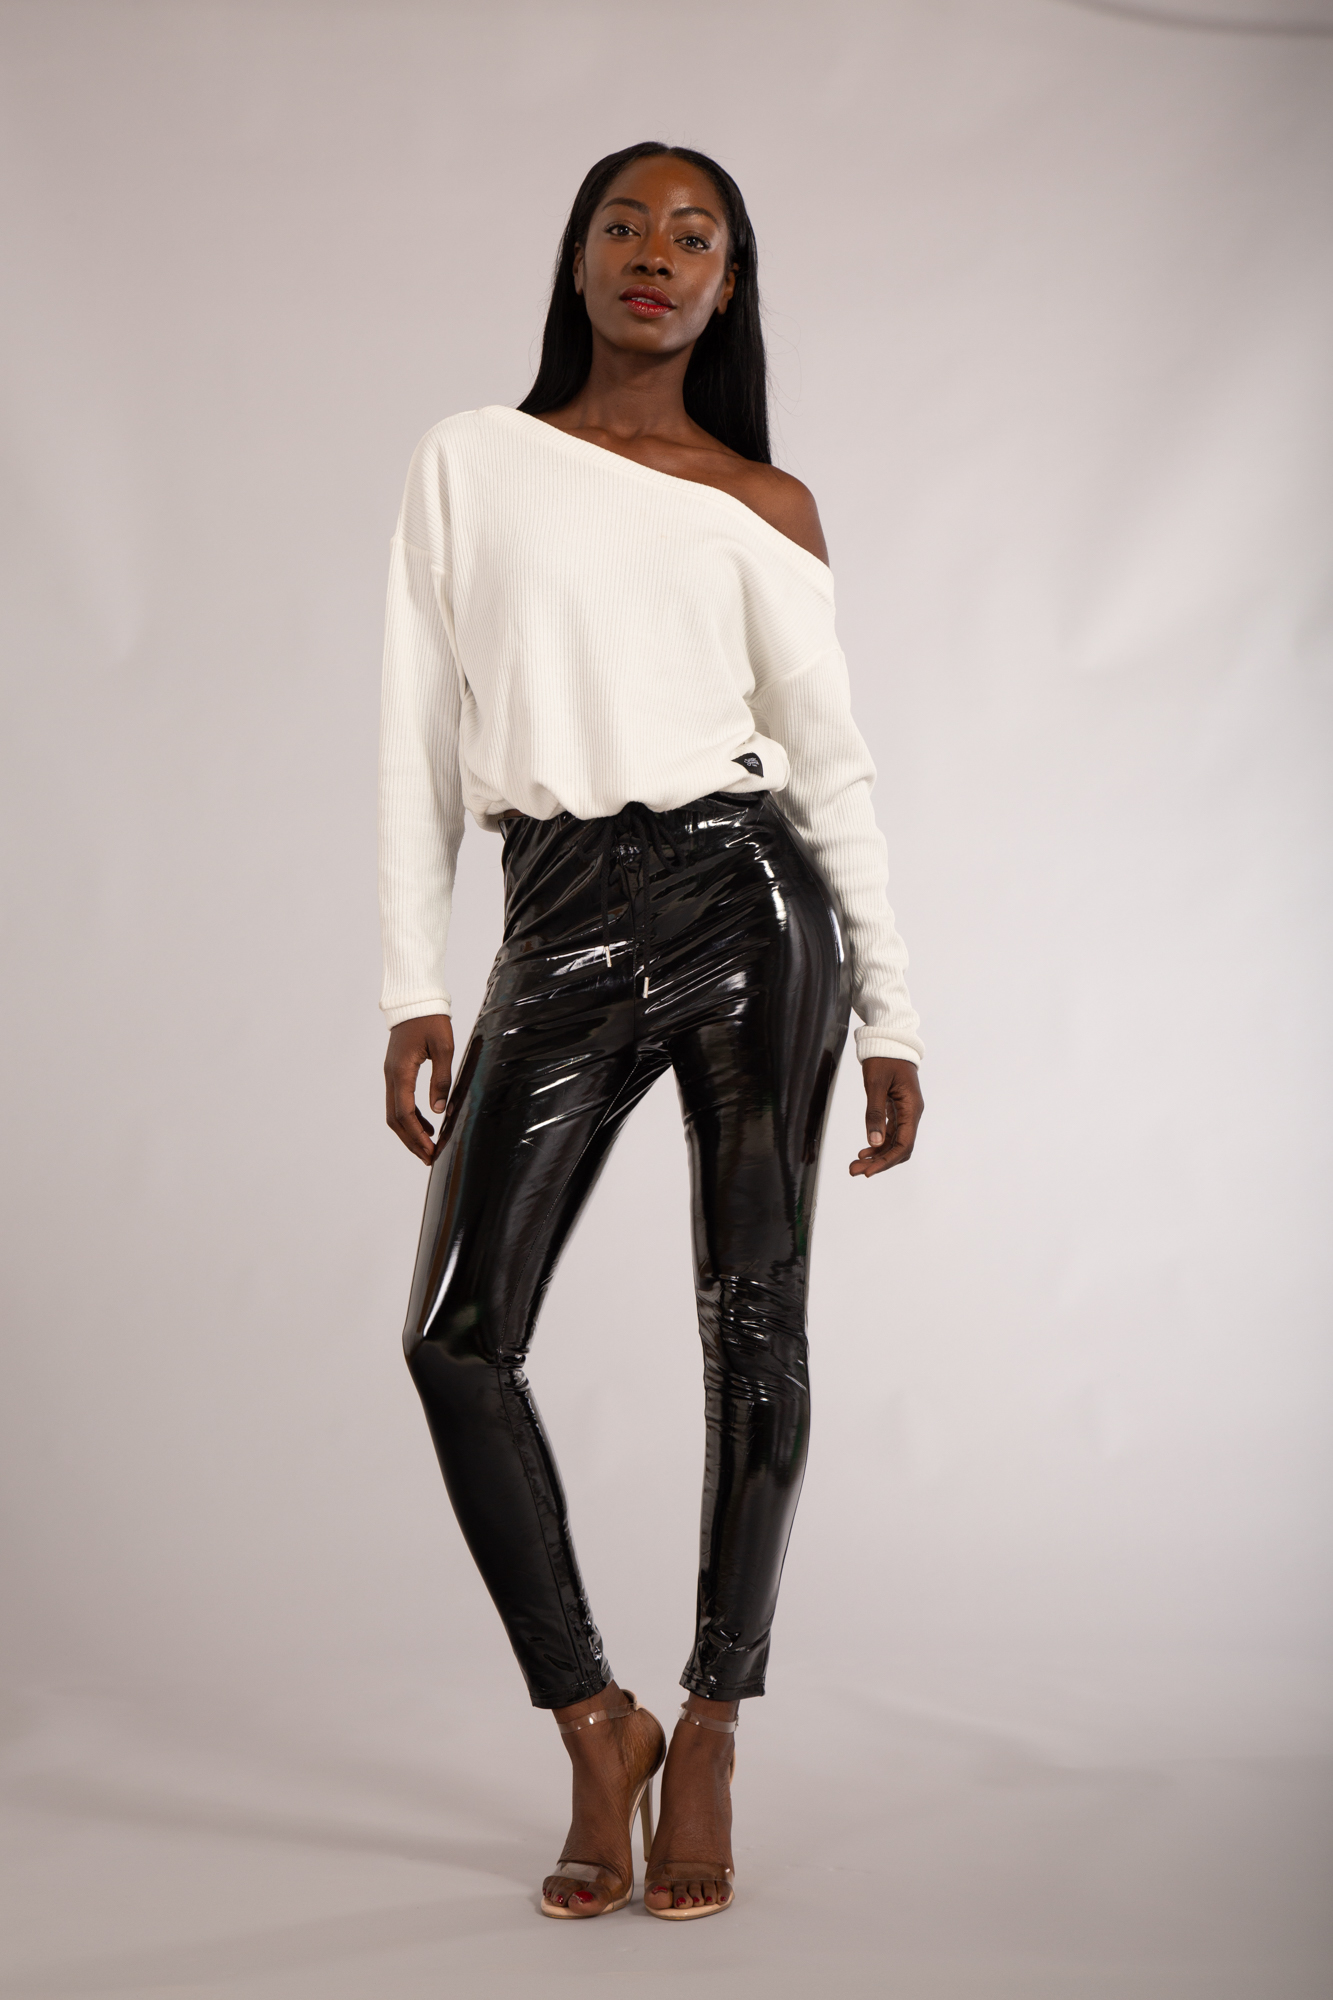 NUOVO Donna Moda Donna Stile Americano Pantaloni Da Discoteca Lucidi Taglia 6 8 10 12 14